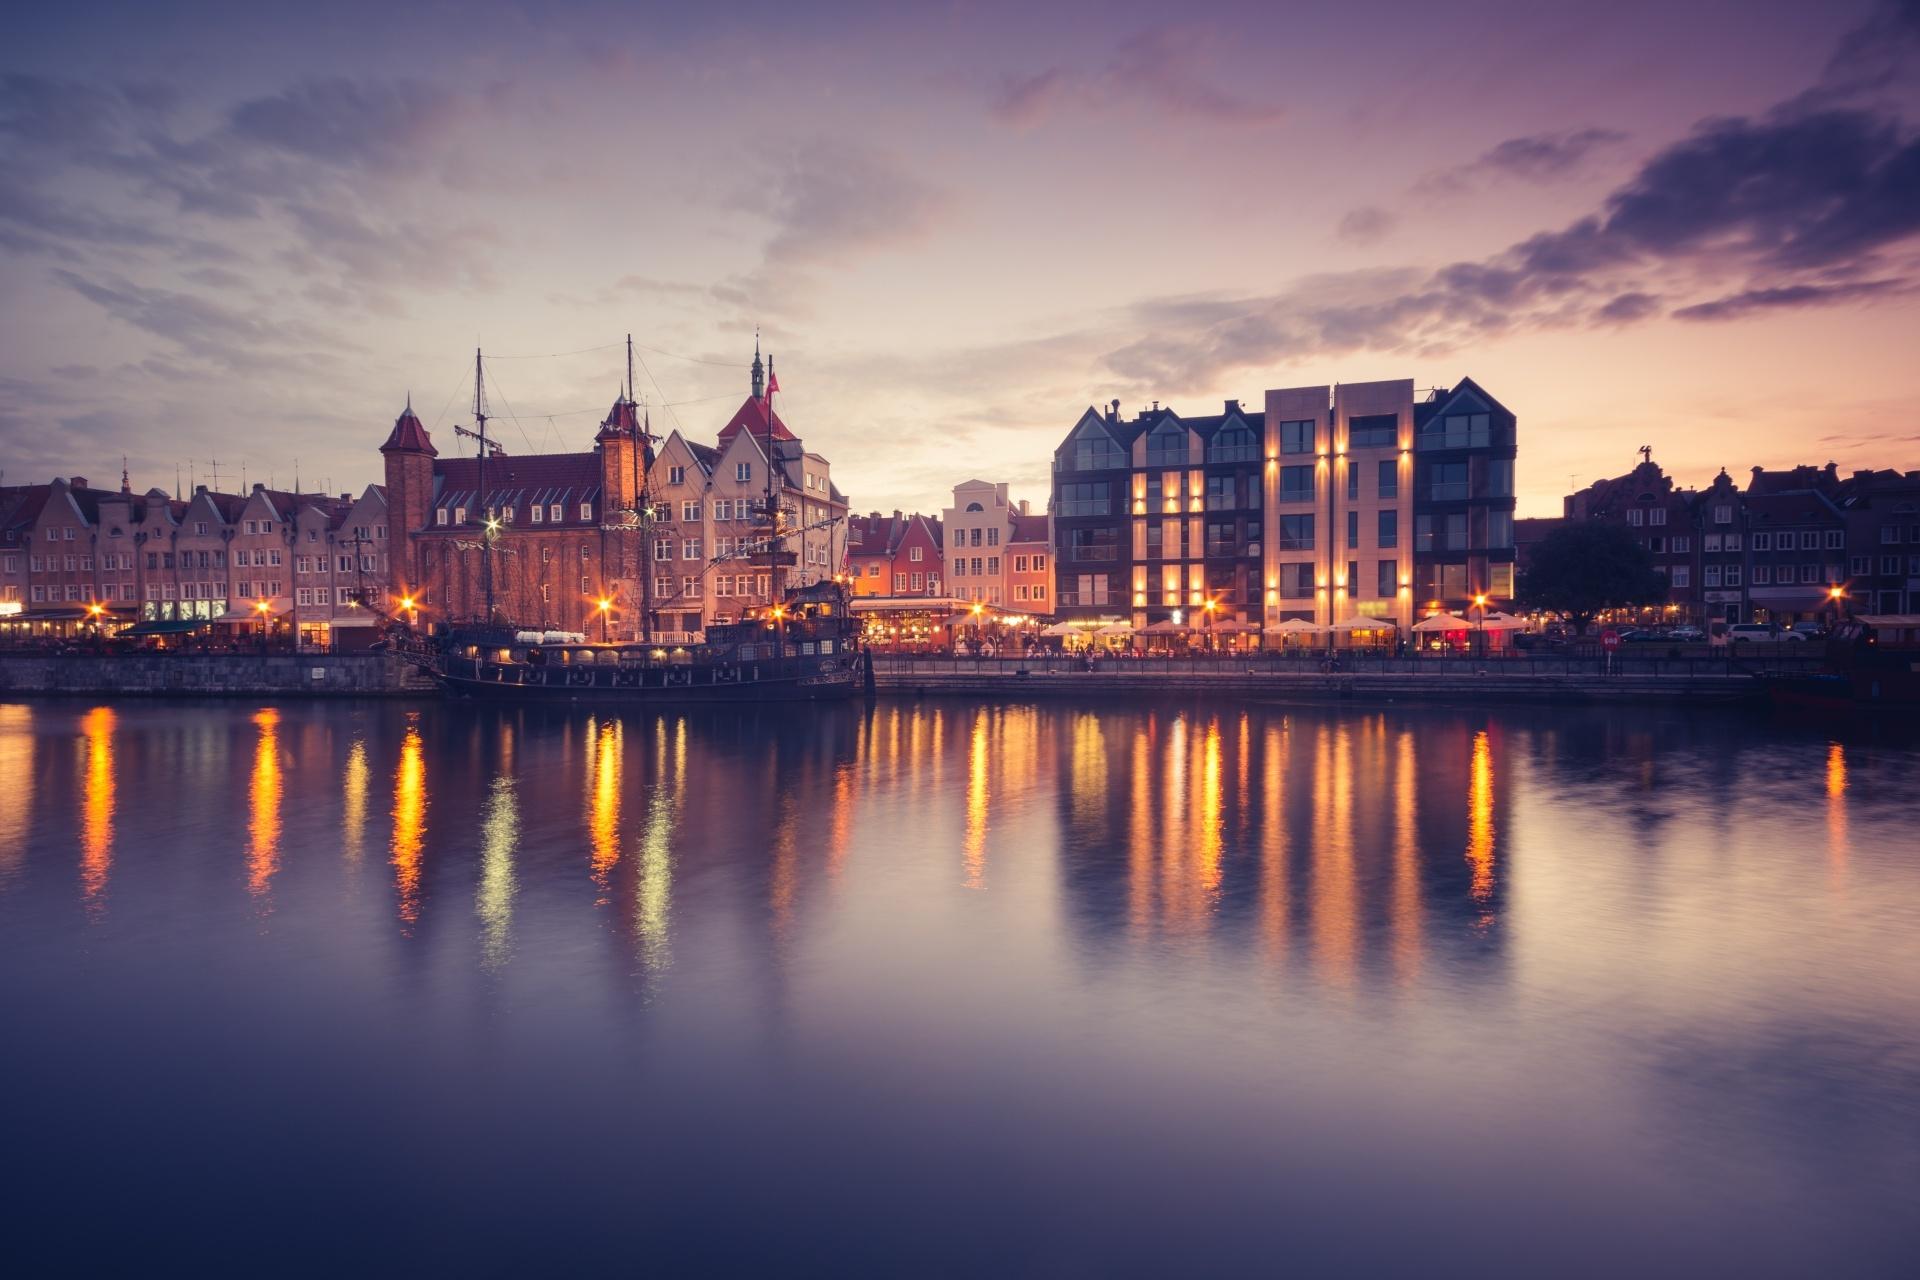 夕方のウォーターフロントと係留船 グダニスクの風景  ポーランドの風景